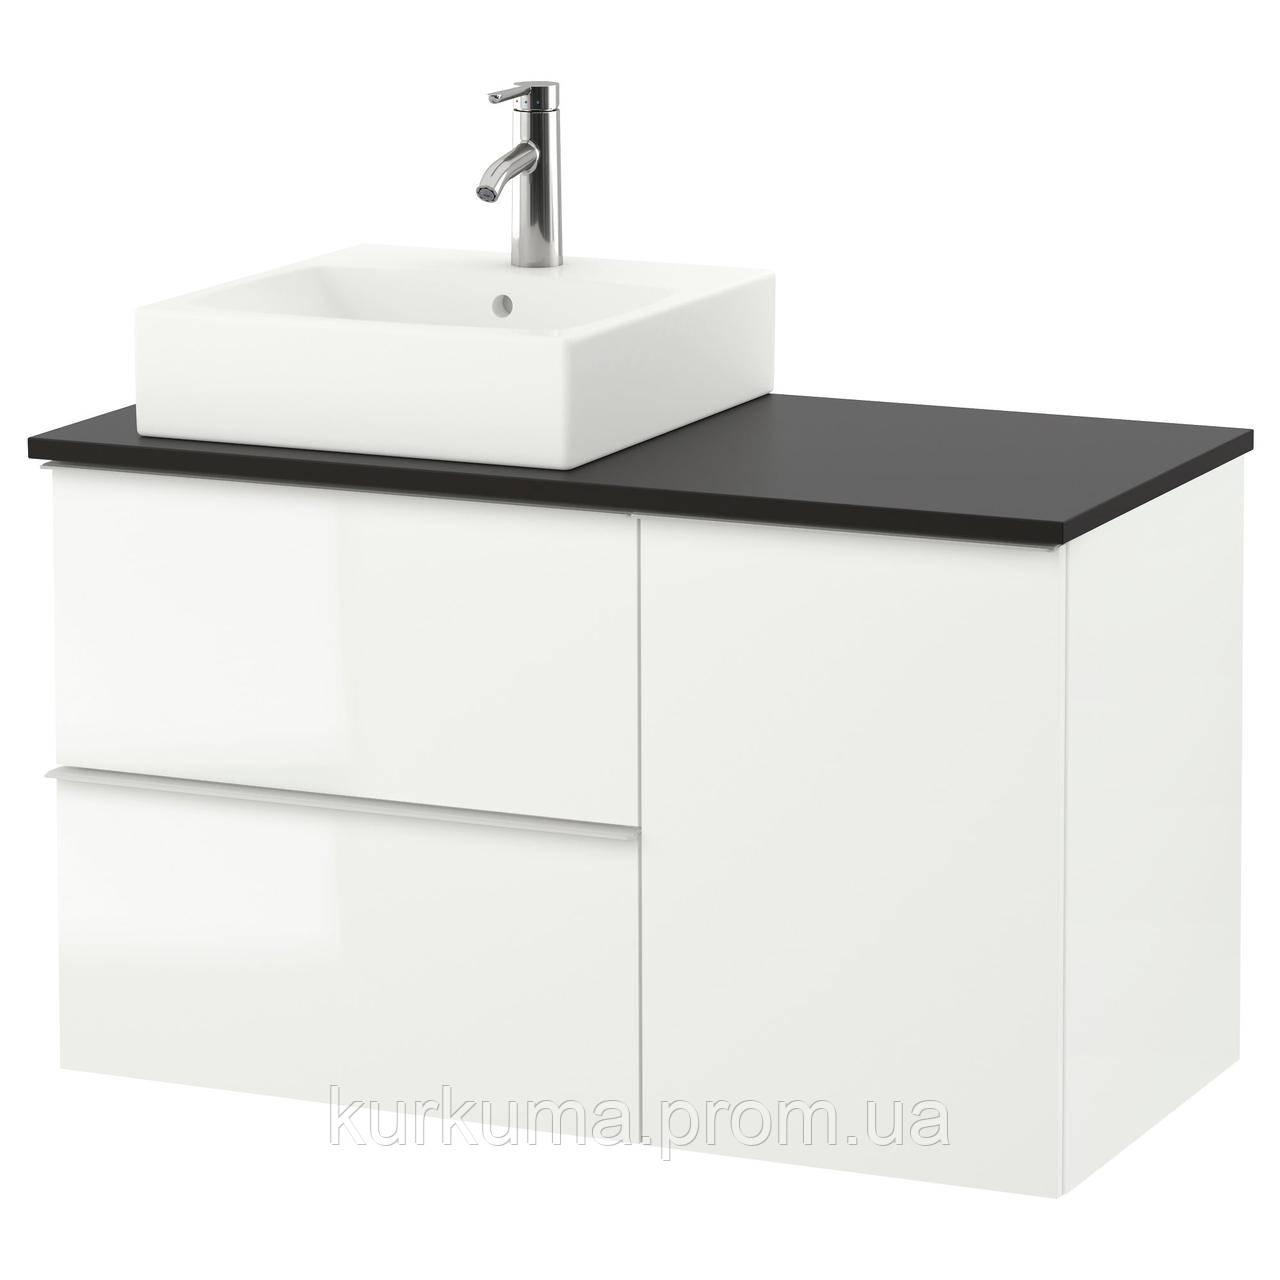 IKEA GODMORGON/TOLKEN/TORNVIKEN Шкаф под умывальник с раковиной, глянцевый белый, антрацит  (491.912.15)